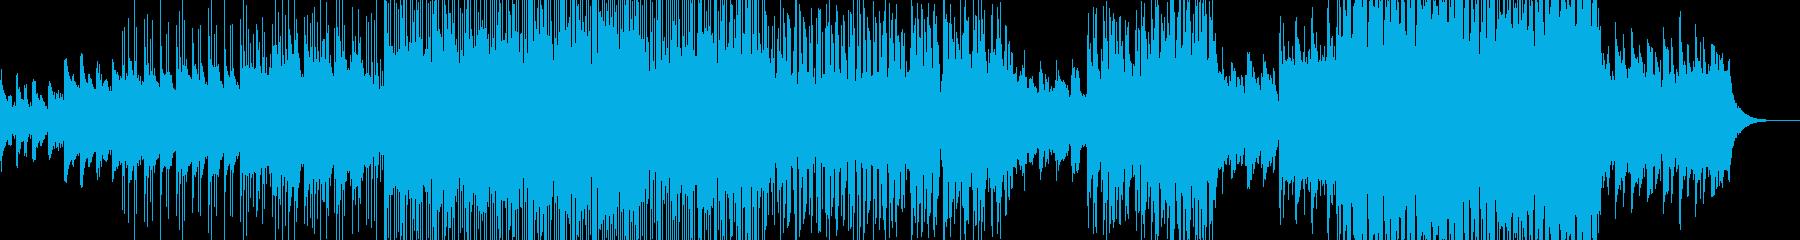 幻想的な夜明けをイメージ・ポップスの再生済みの波形